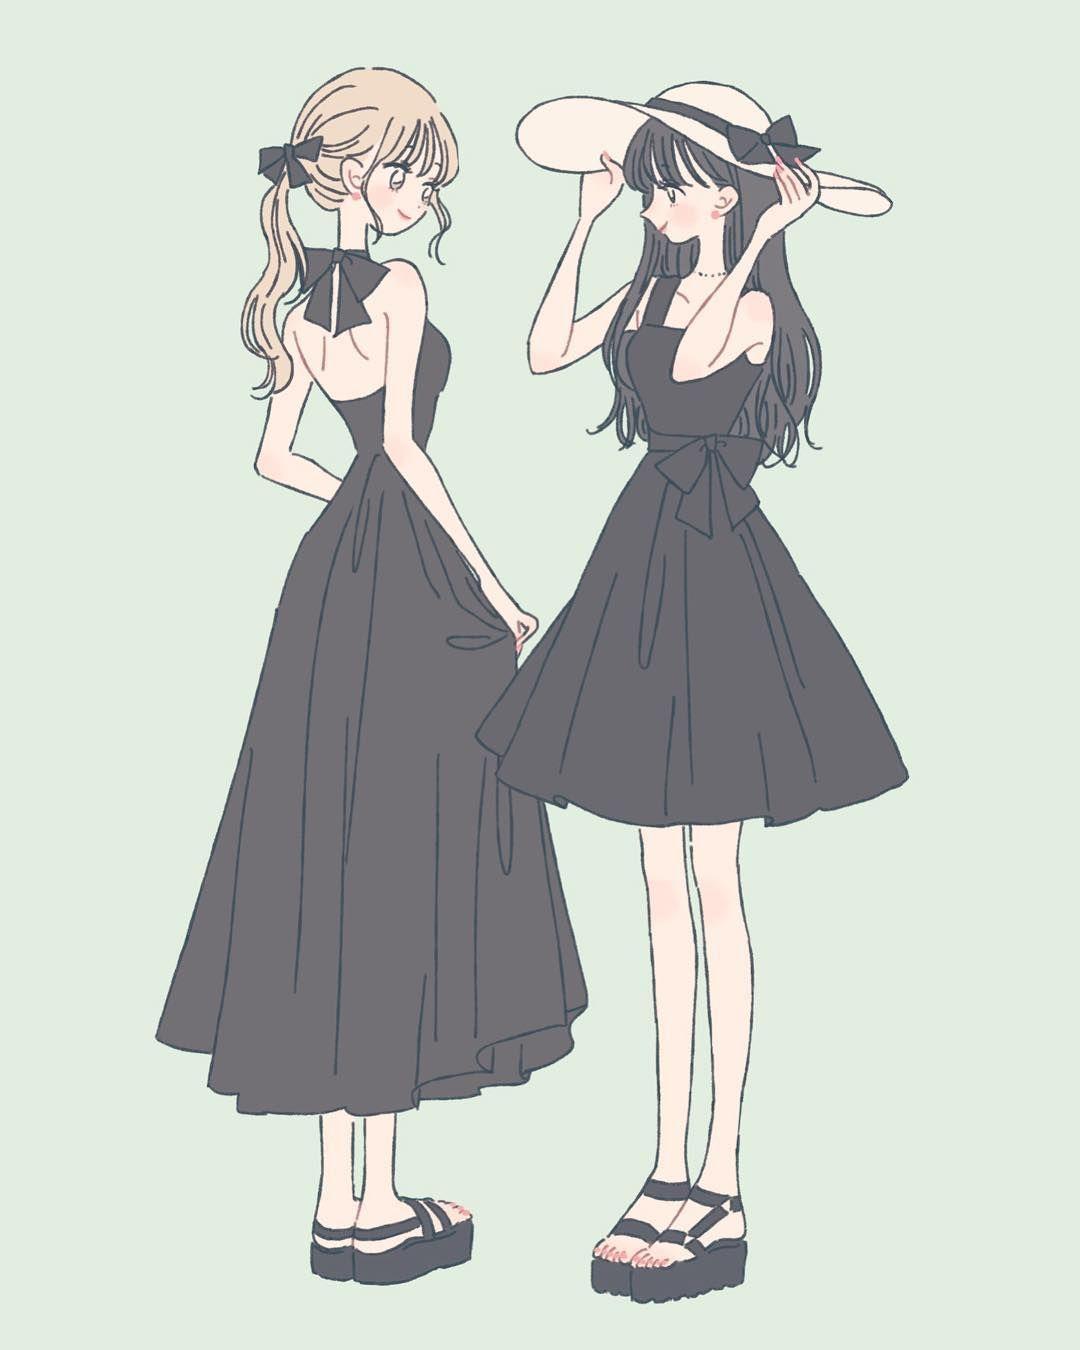 息抜き Illustration イラスト 女の子 ファッション